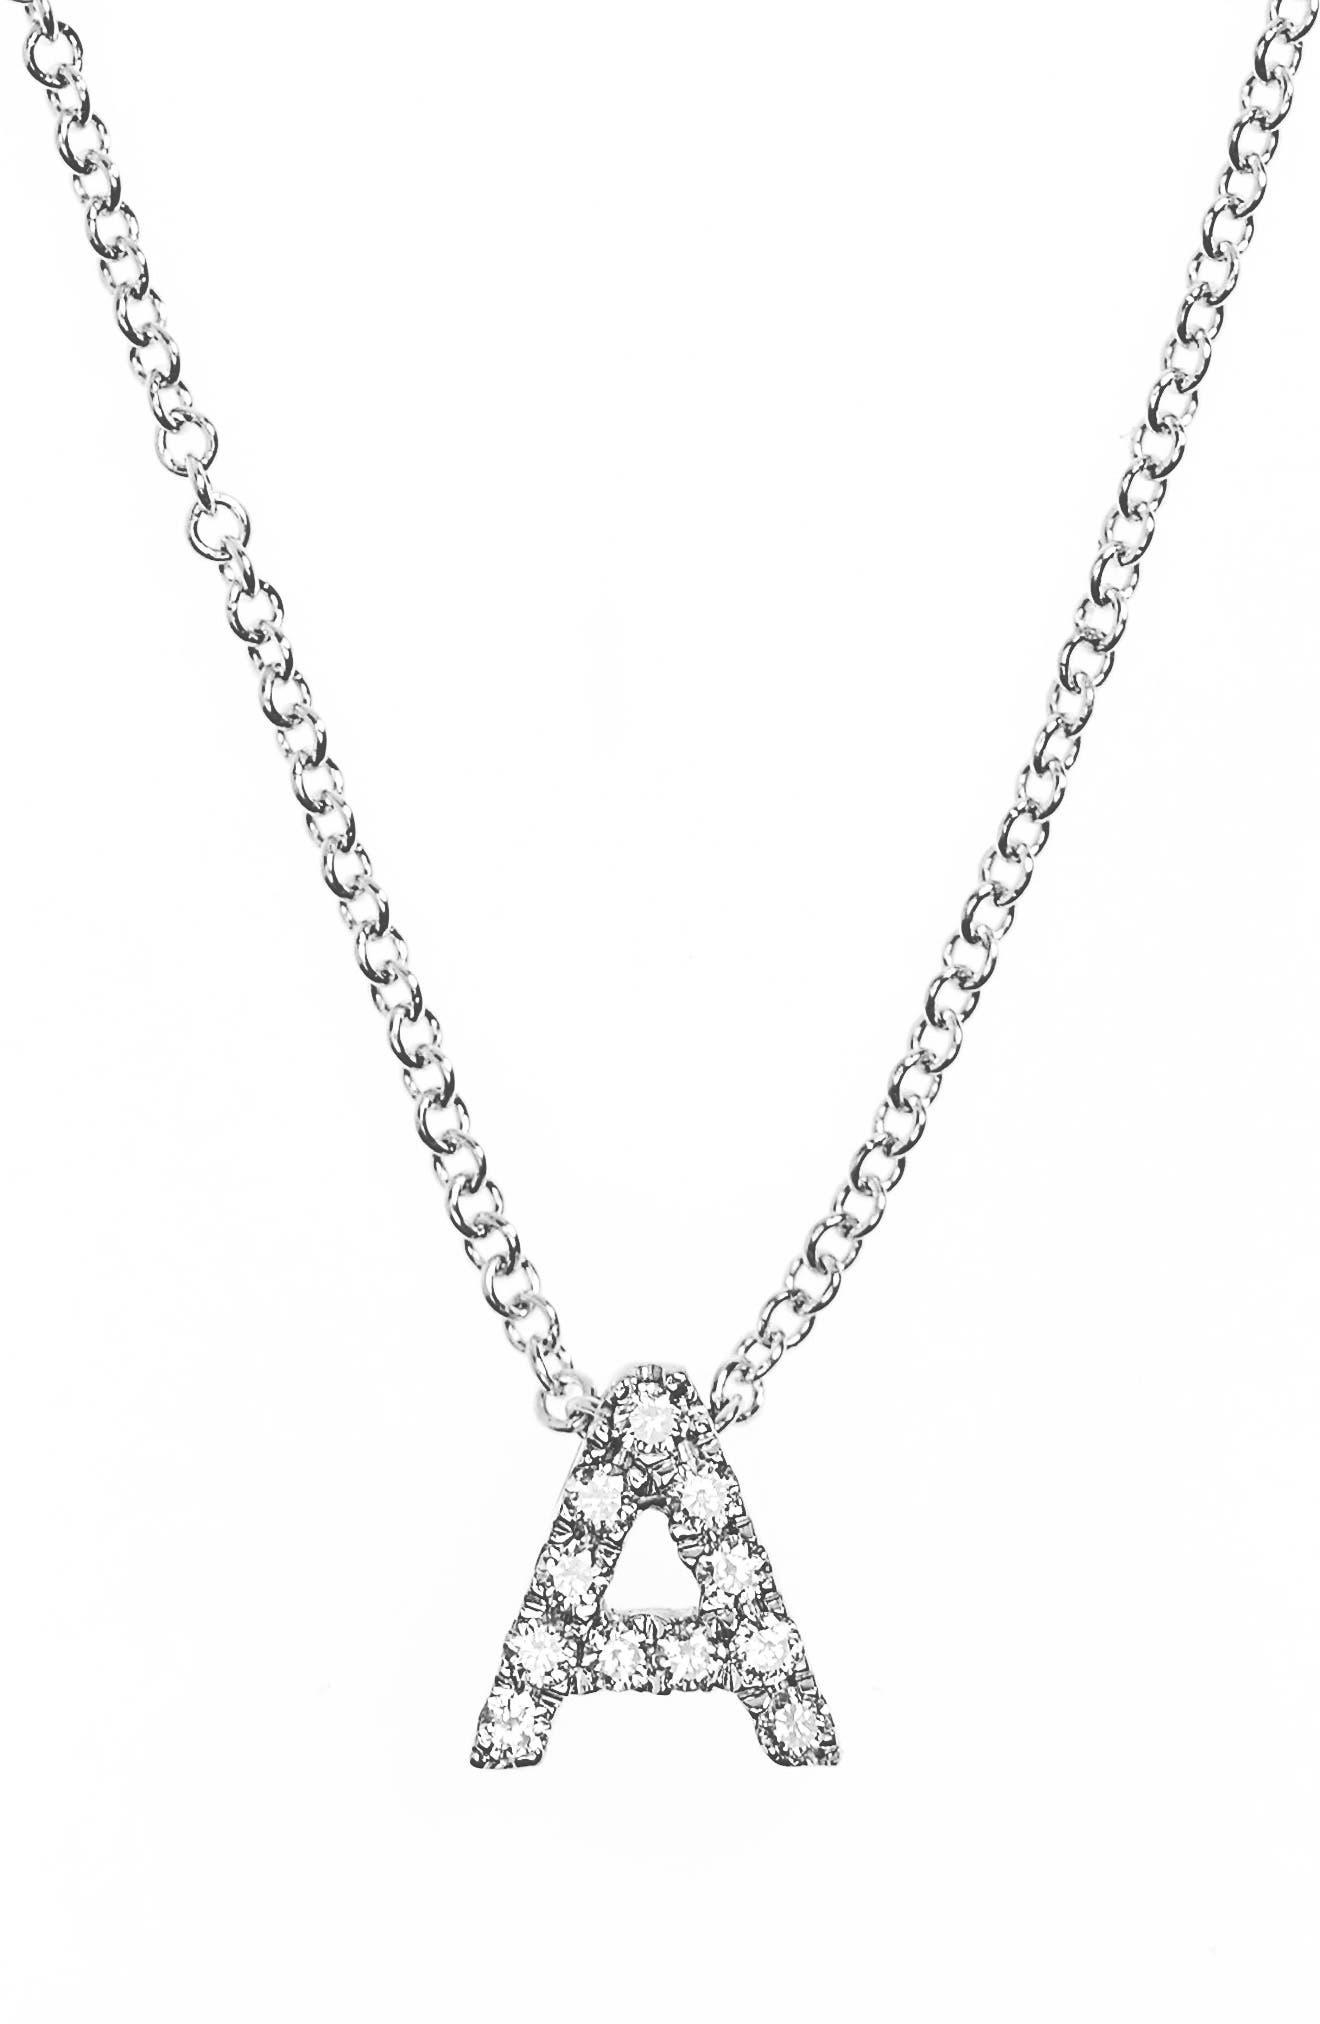 18k Gold Pavé Diamond Initial Pendant Necklace,                         Main,                         color, White Gold - A